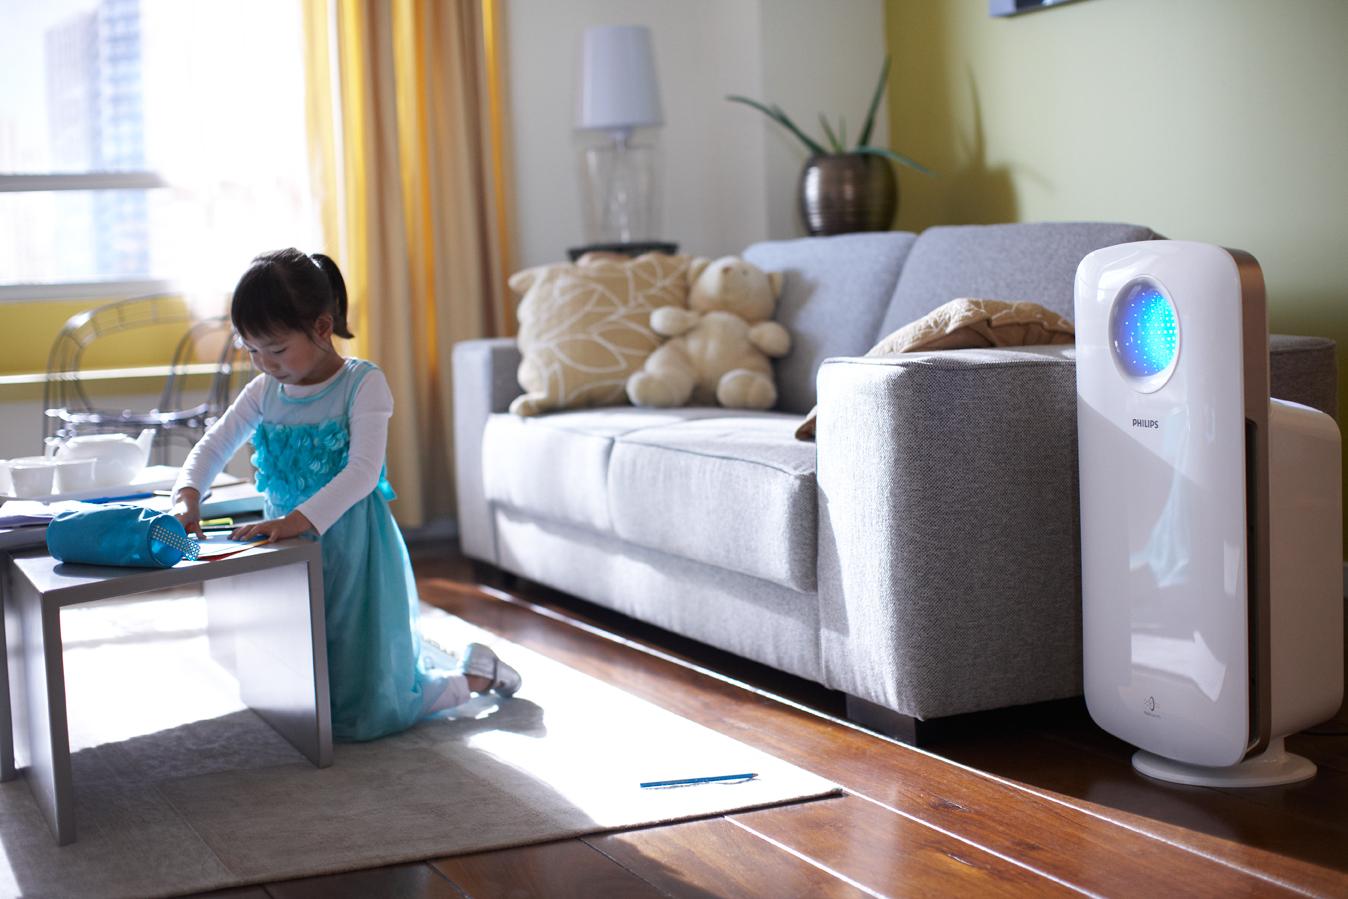 جدیدترین دستگاه تصفیه کننده هوا  را چند بخریم؟